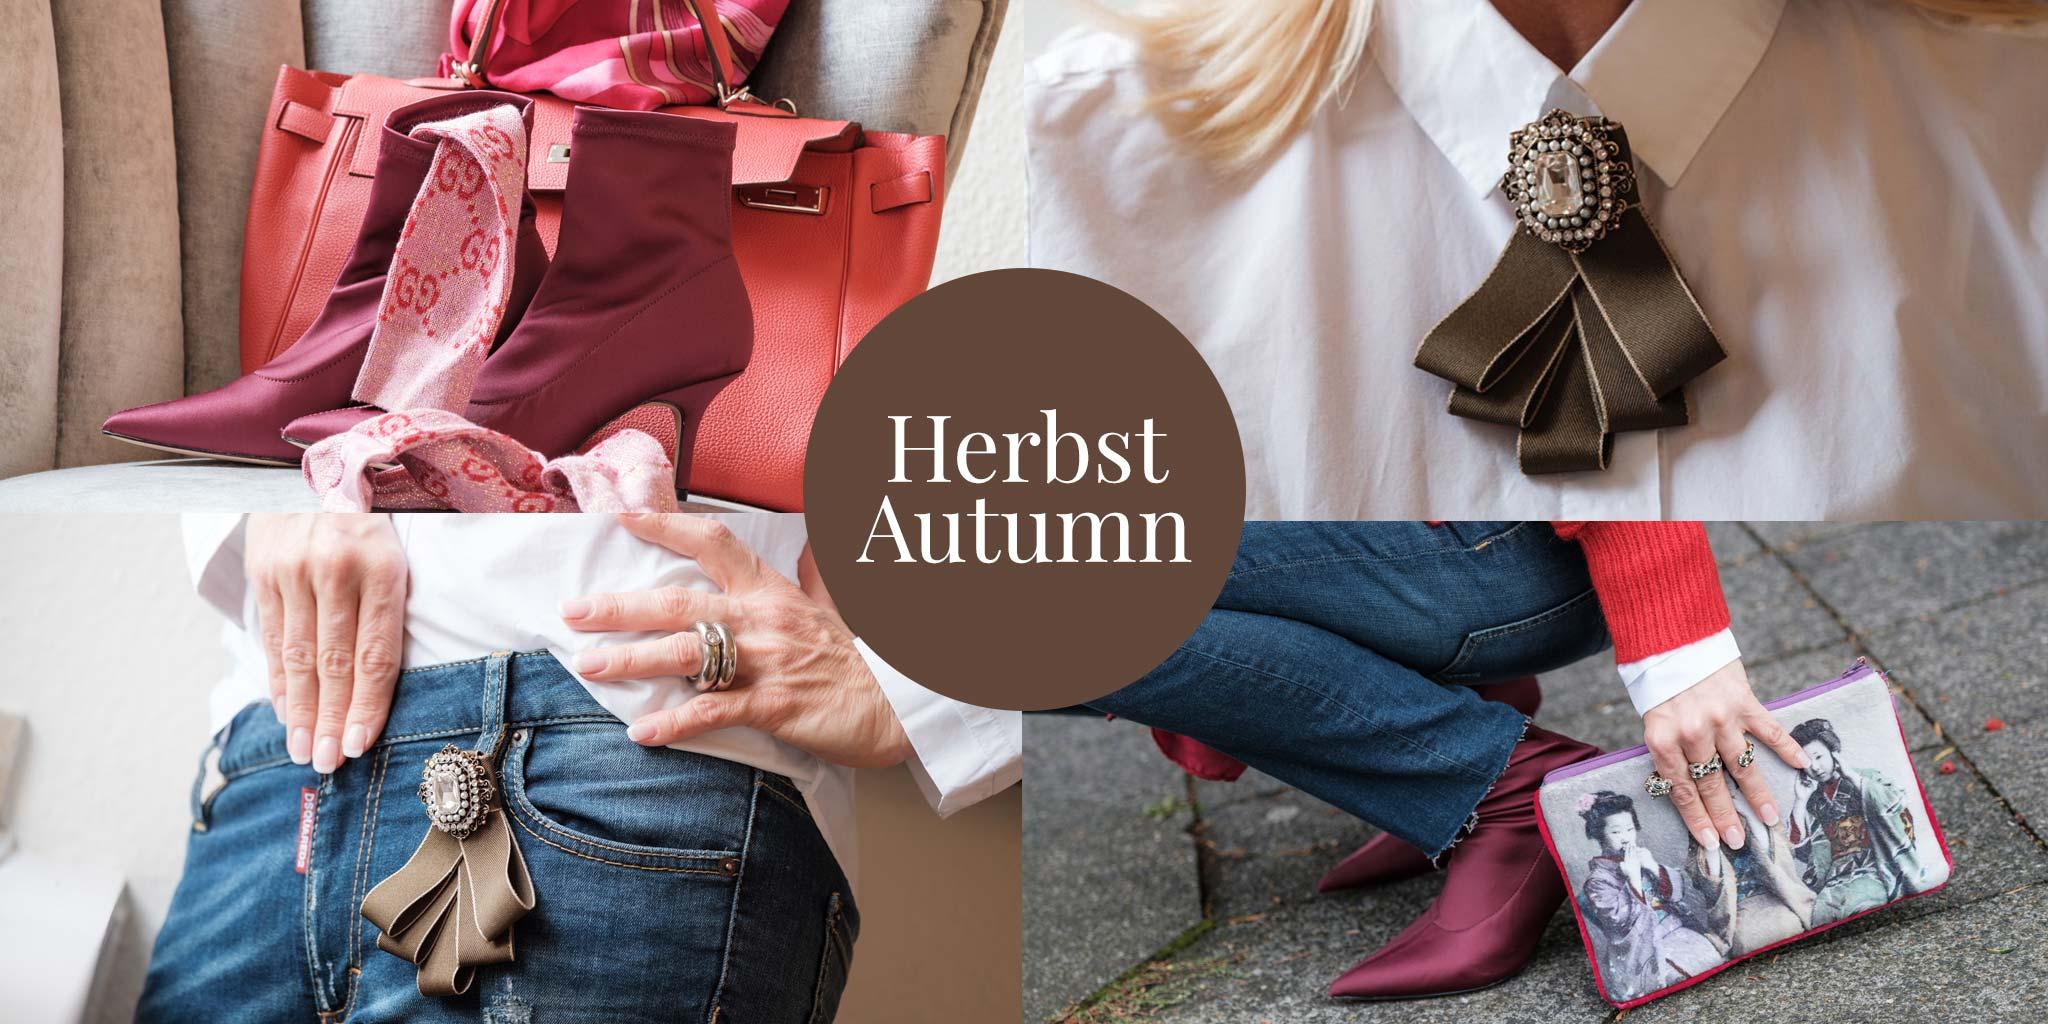 Lieblingsstil Teaser Herbst / Autumn